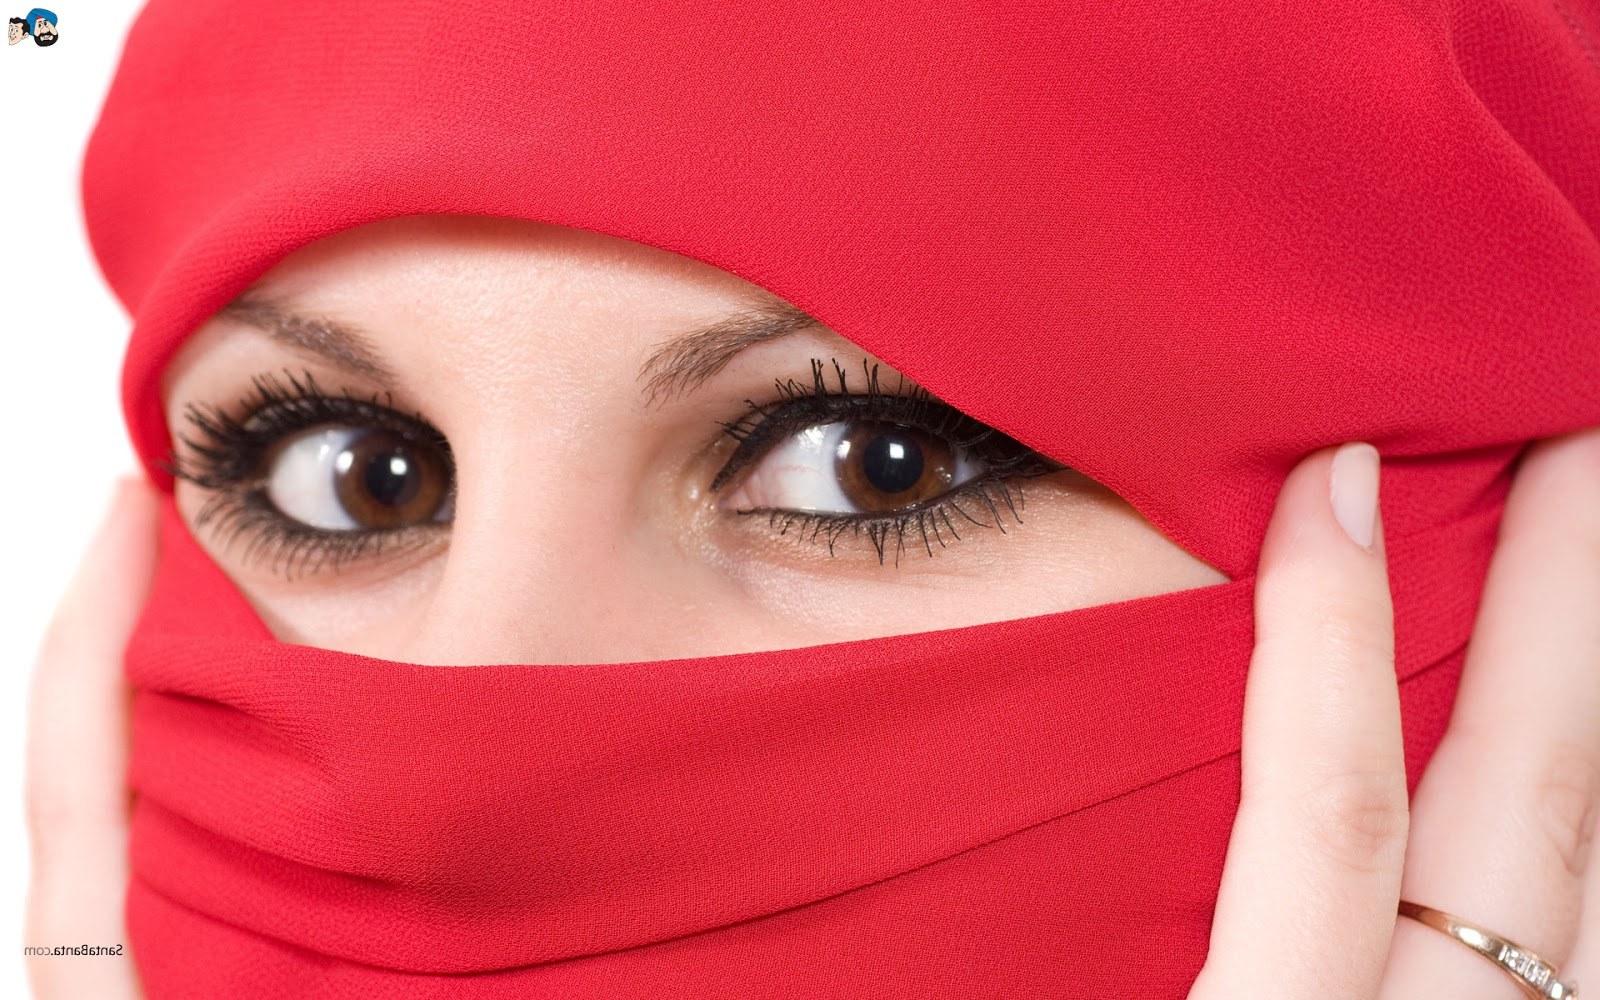 Ide Muslimah Bercadar 3ldq Koleksi Wallpaper Wanita Muslimah Bercadar Fauzi Blog